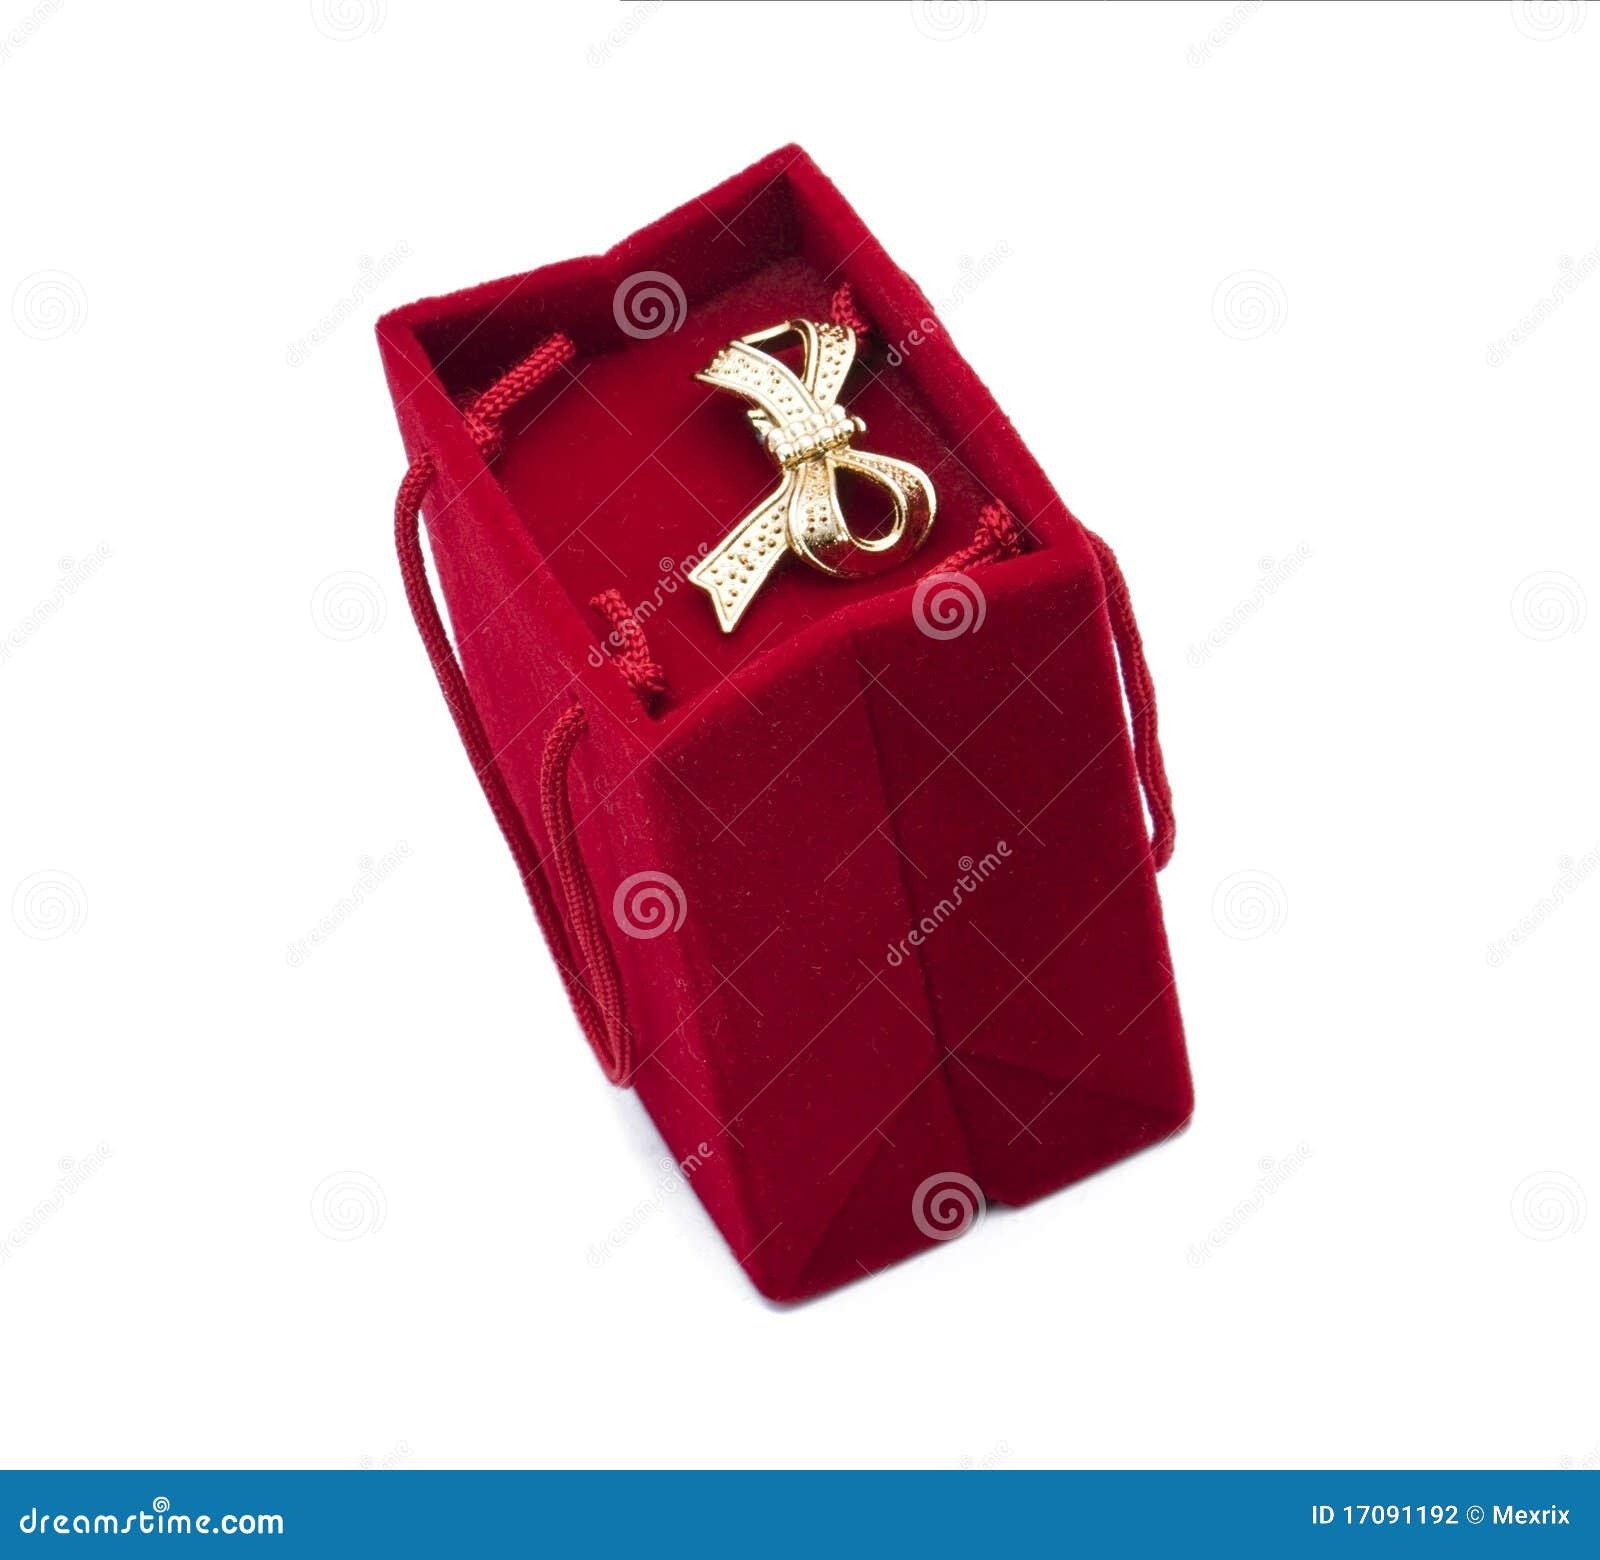 Red velvet gift box stock photography image 17091192 for Red velvet jewelry gift boxes